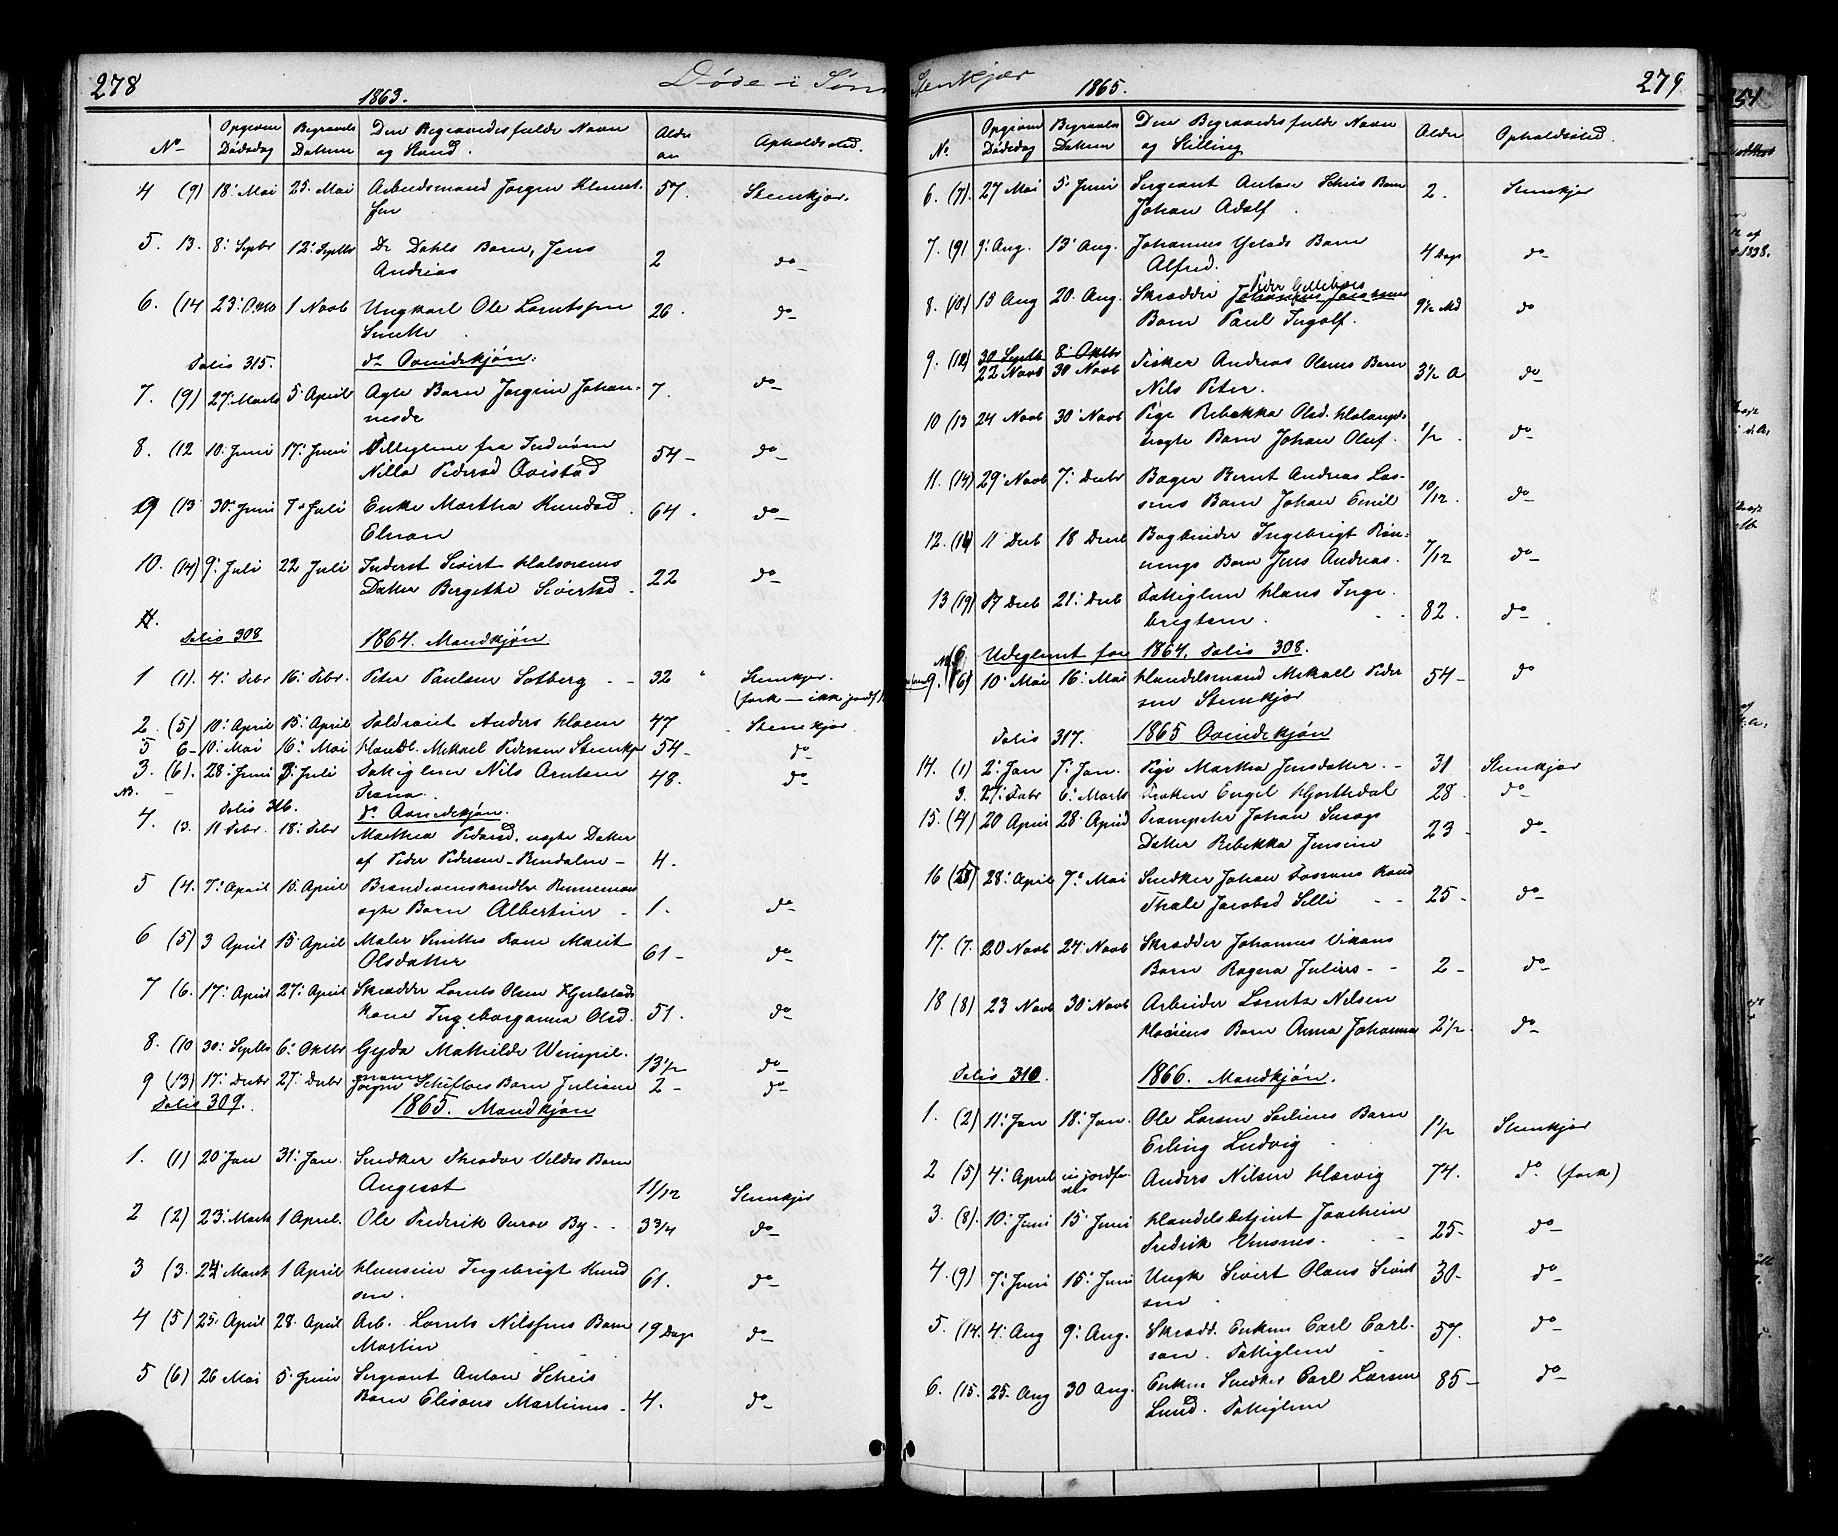 SAT, Ministerialprotokoller, klokkerbøker og fødselsregistre - Nord-Trøndelag, 739/L0367: Ministerialbok nr. 739A01 /1, 1838-1868, s. 278-279